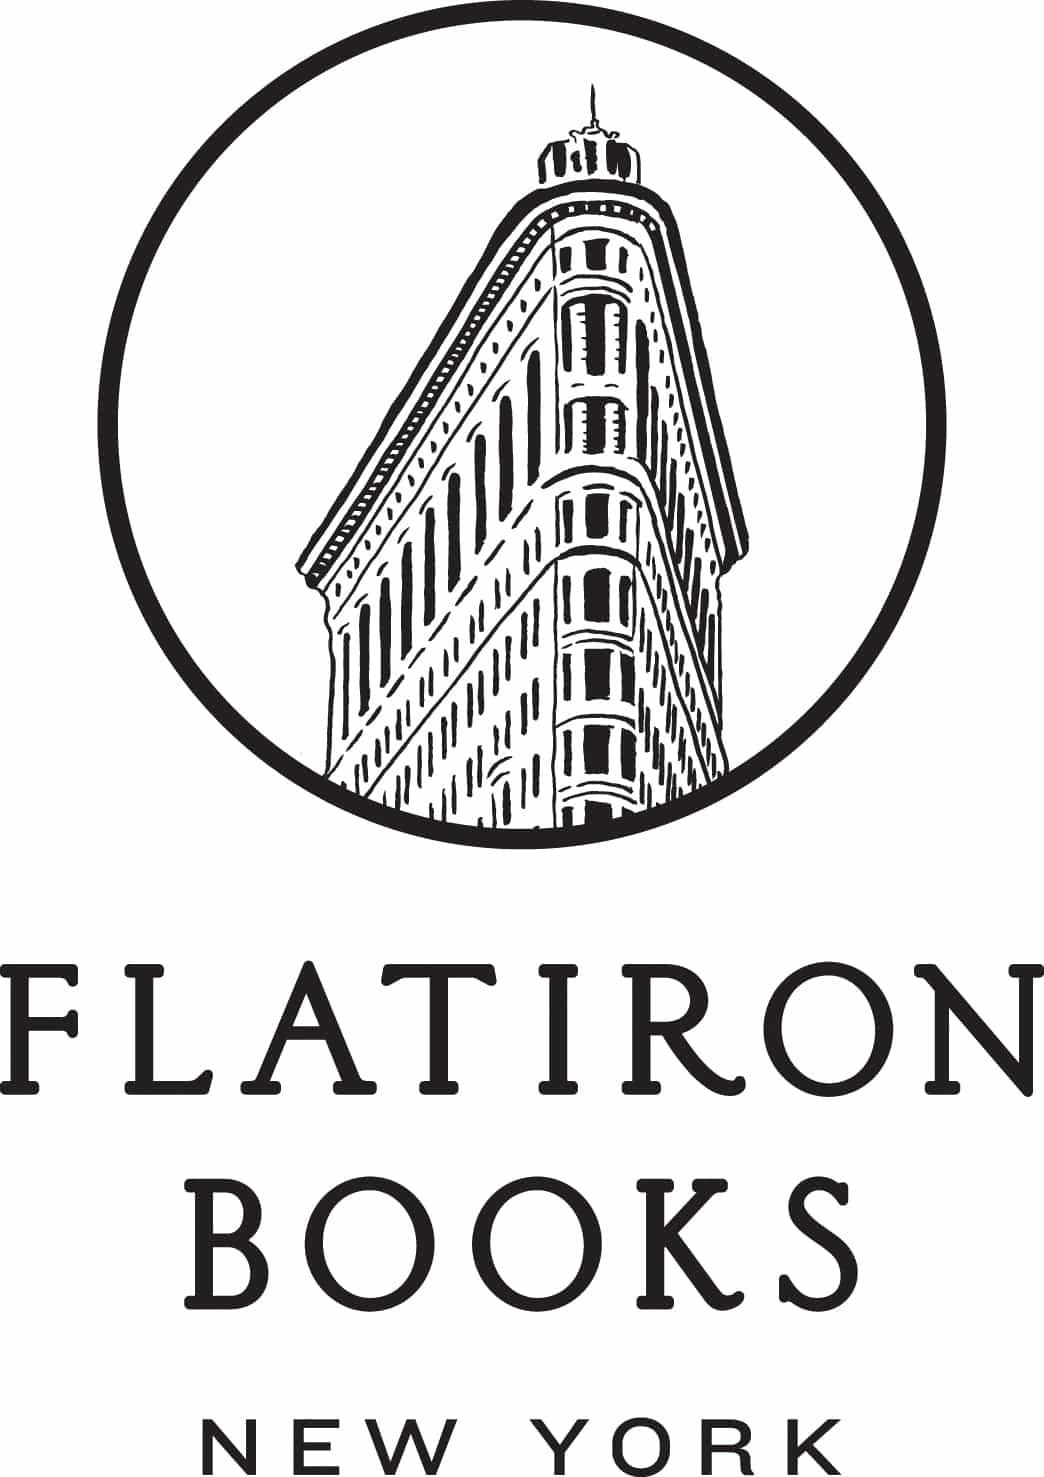 flatiron logo.jpg